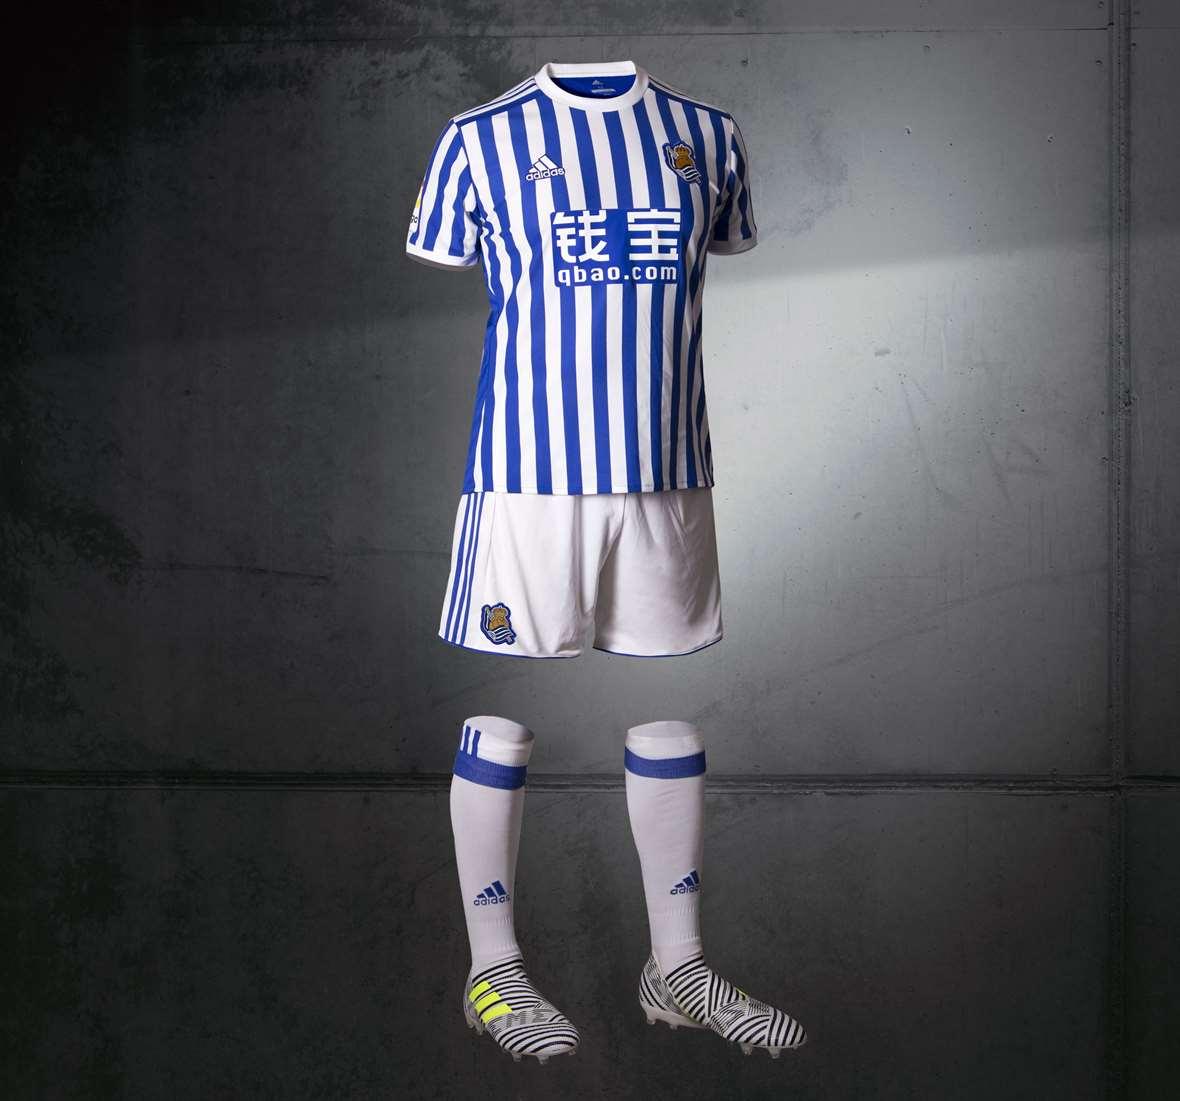 adidas-maillot-domicile-real-sociedad-liga-santander-2017-2018